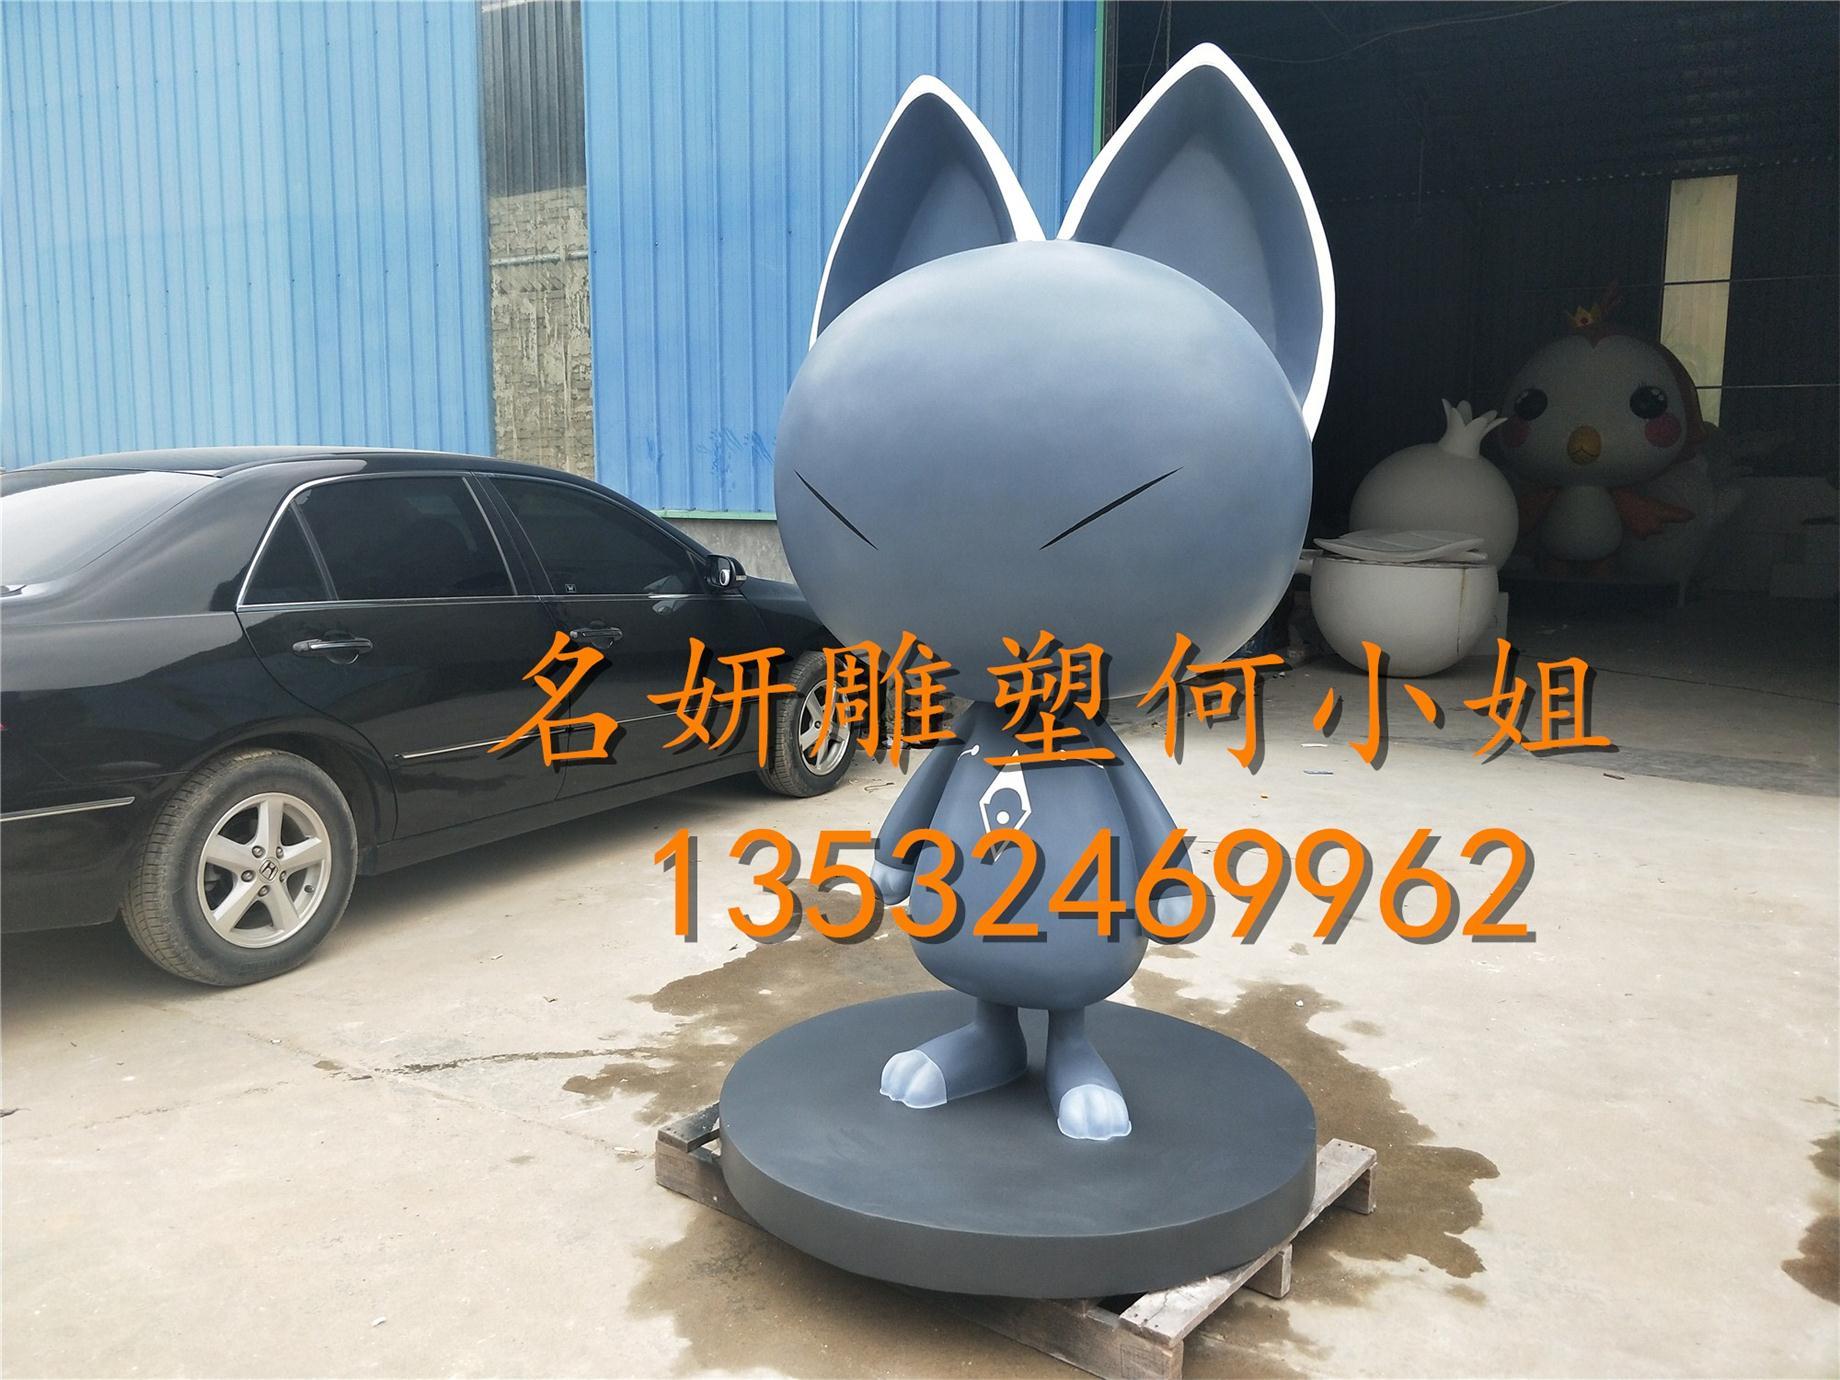 O1CN010JJ2l21DHycdo9bTL_!!2968510192.jpg (1840??1380)